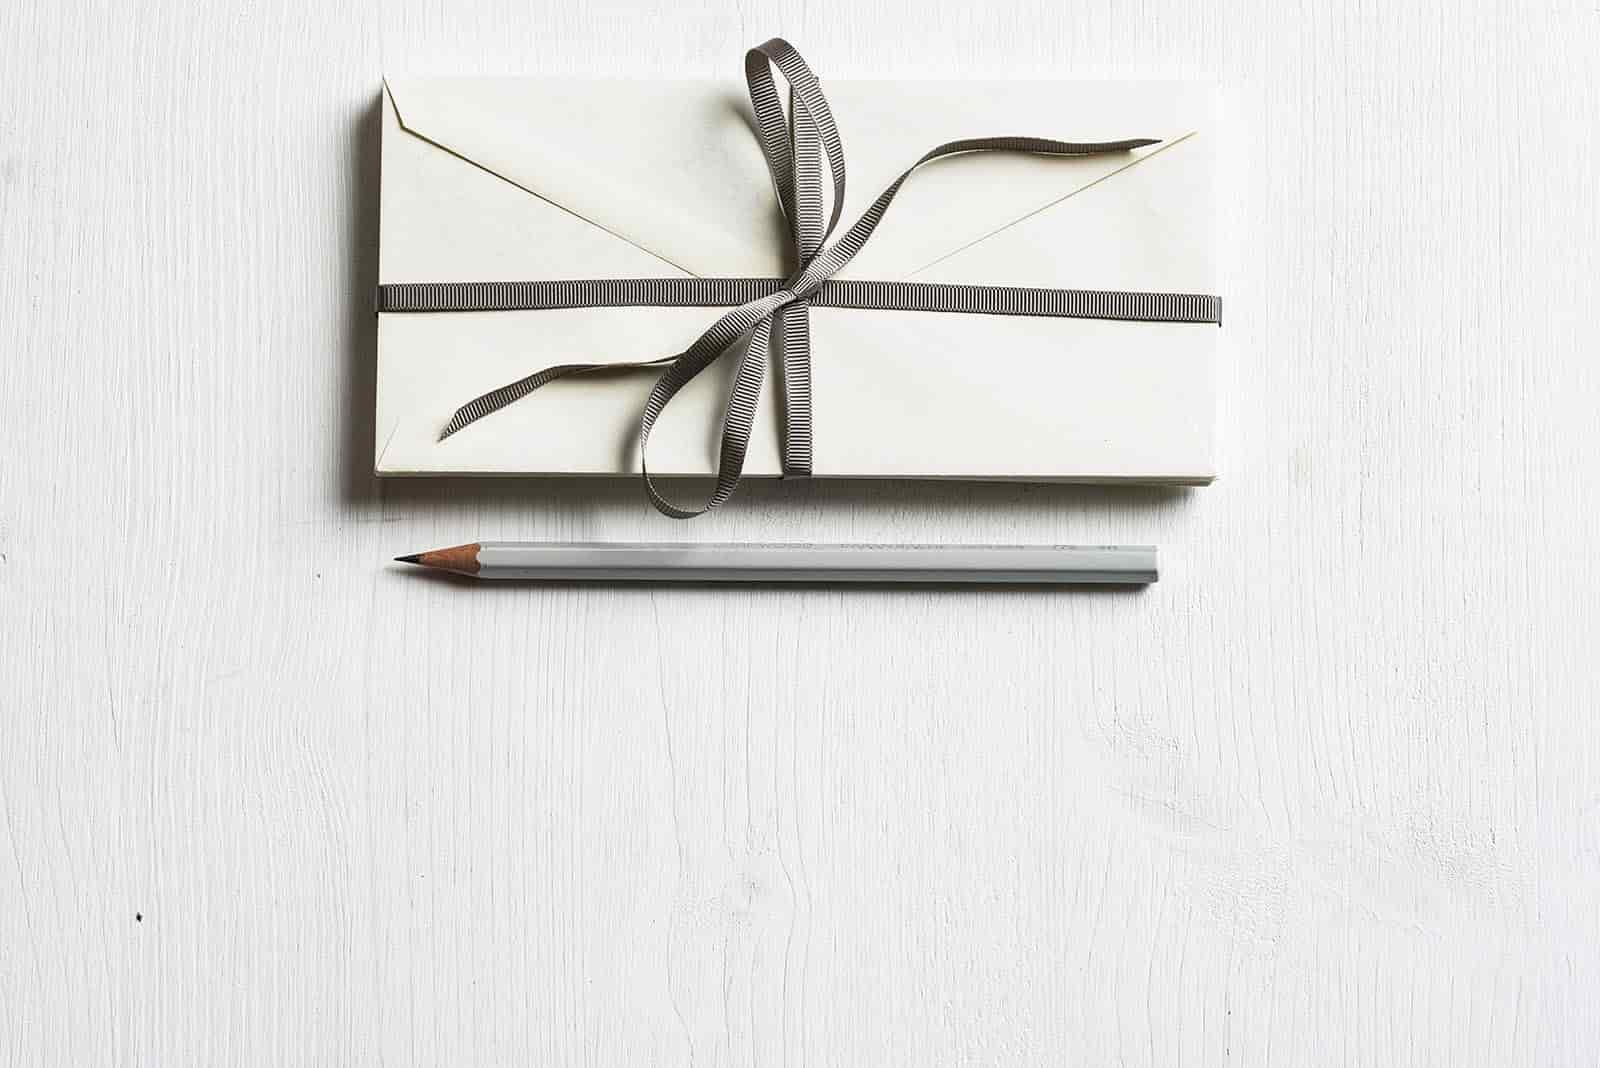 Envelope for participant incentives